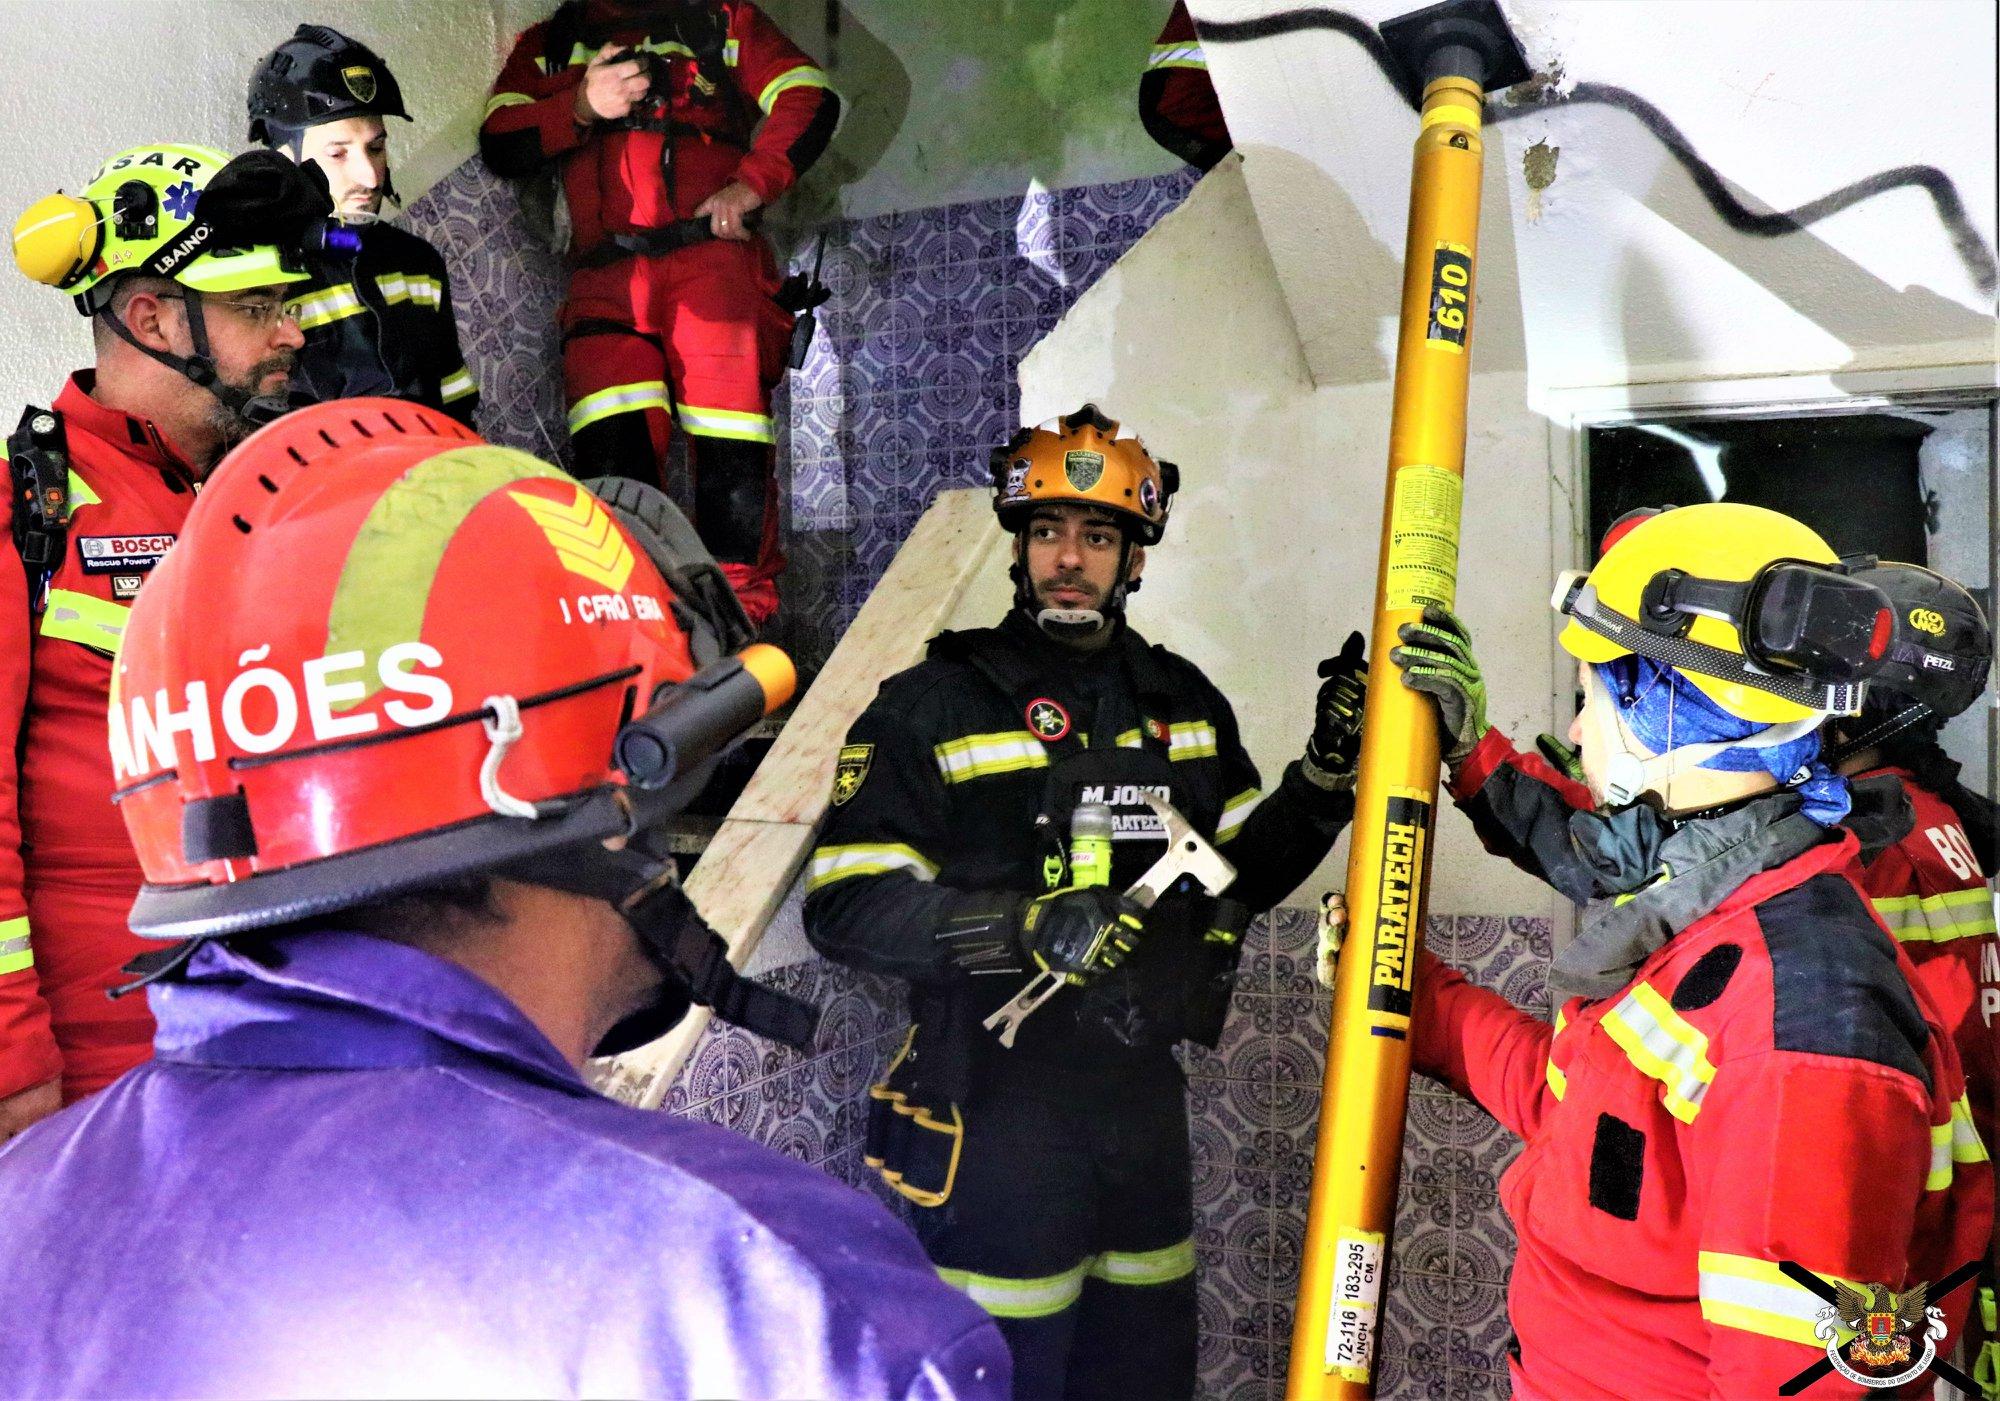 Exercício de busca e resgate em estruturas colapsadas (BREC) realizado na Quinta de São Gião – Cabeço de Montachique, tendo envolvido alguns dos Corpos de Bombeiros do Concelho de Loures.